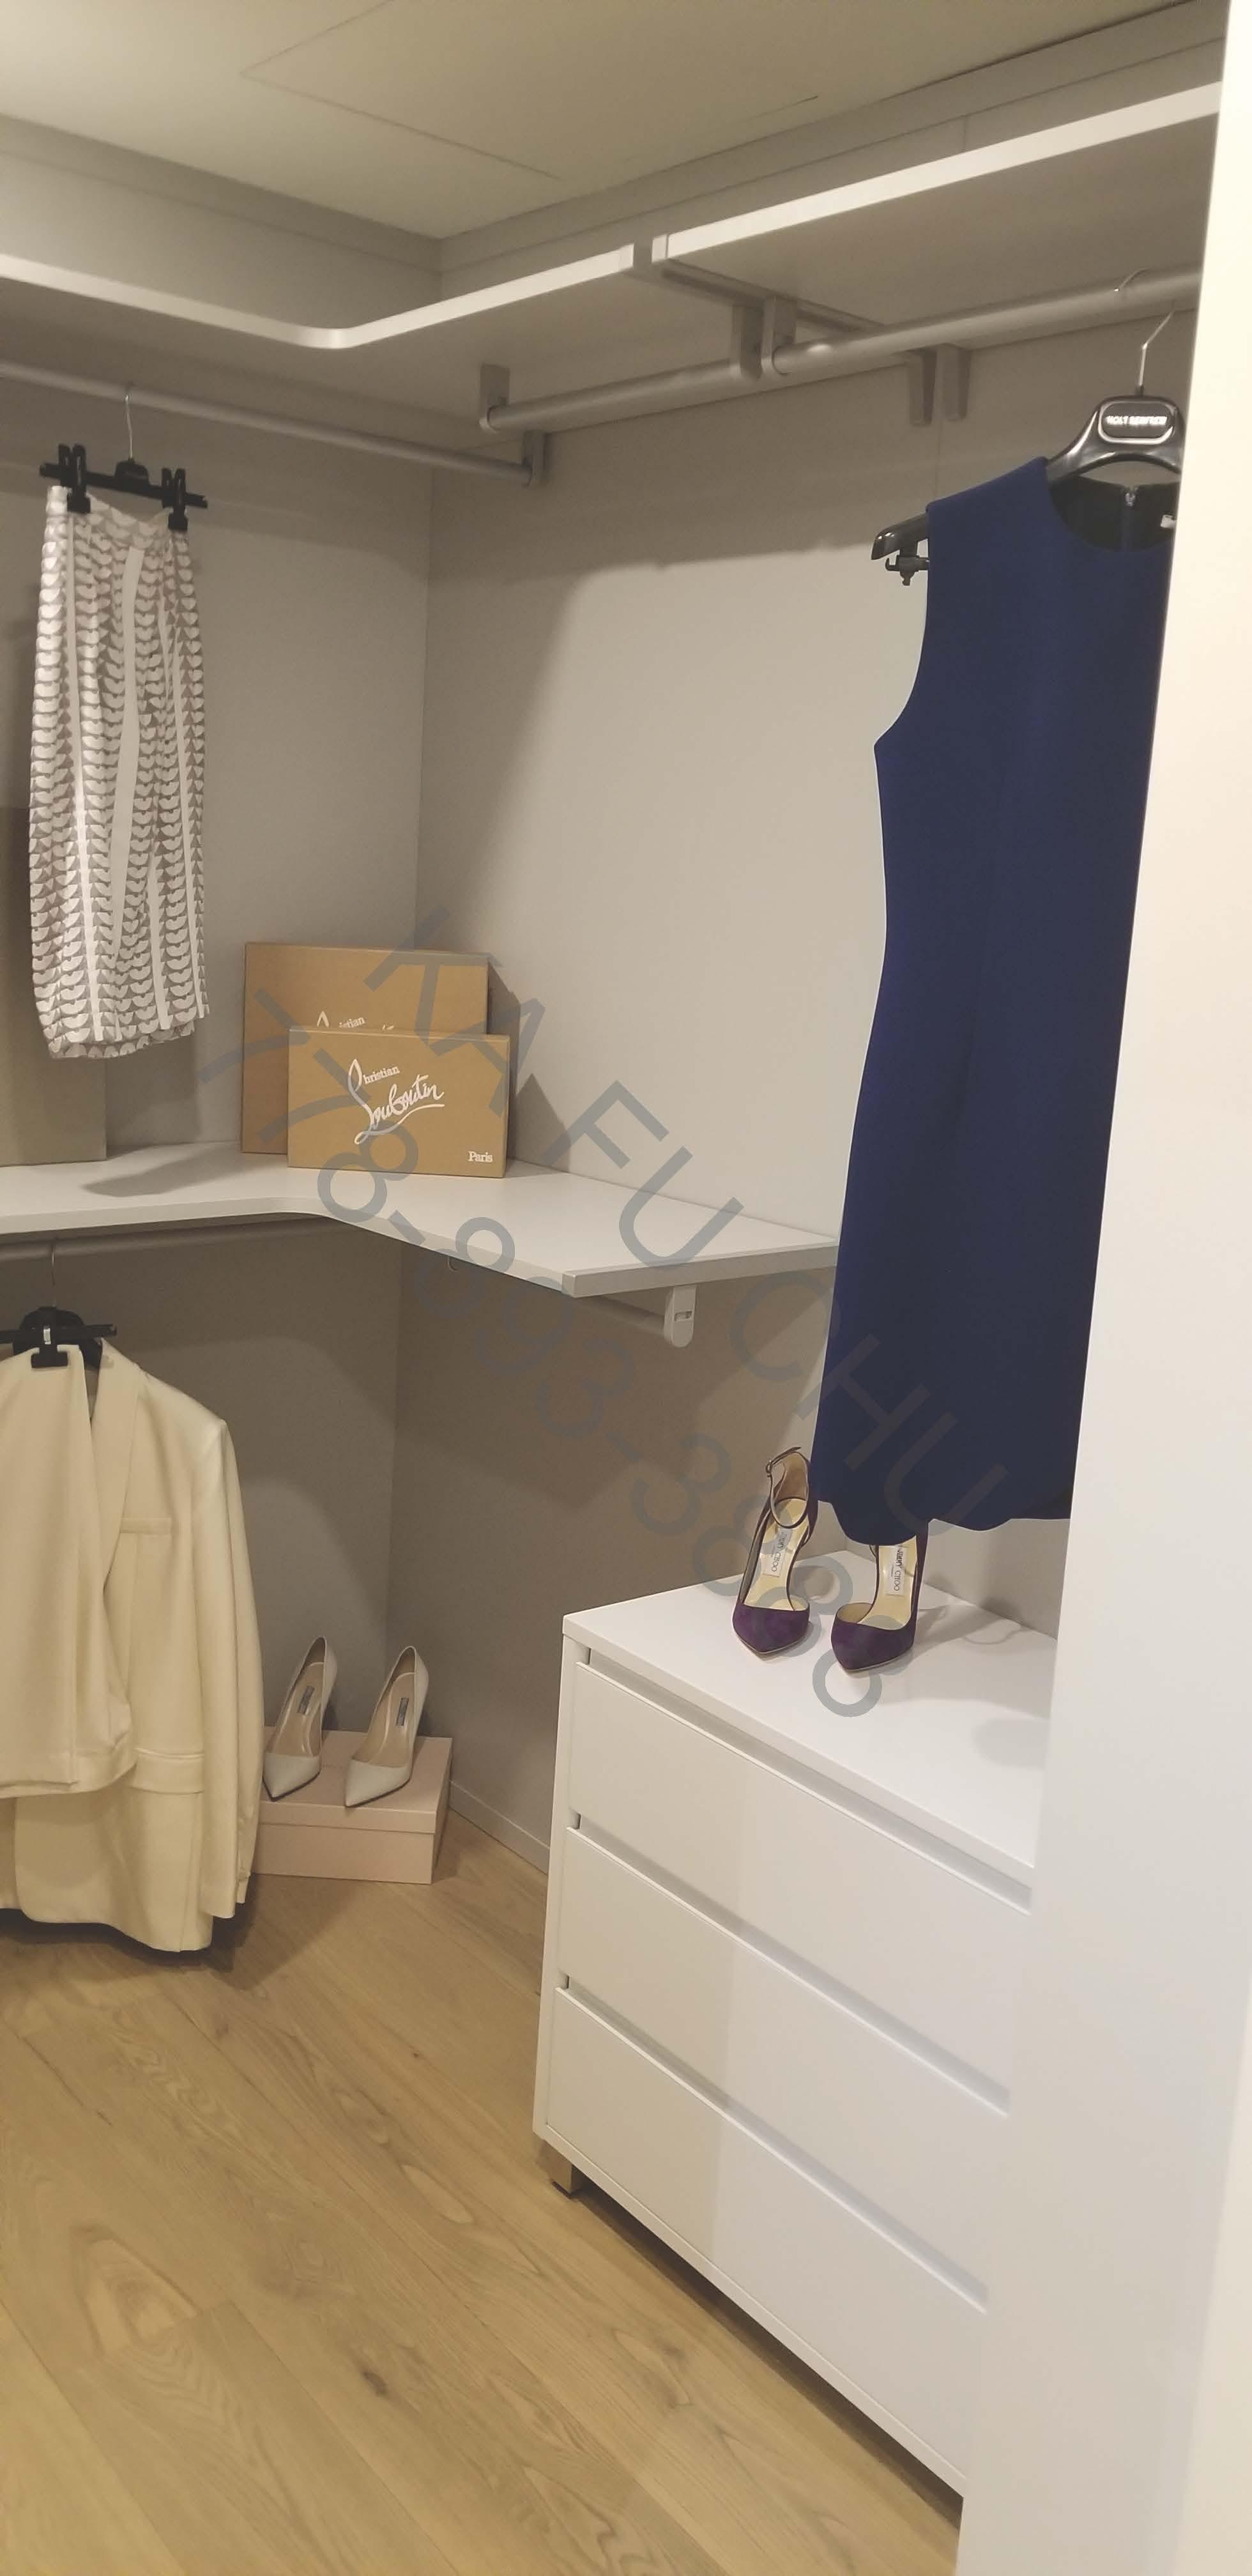 showroom photo - watermark_Page_2